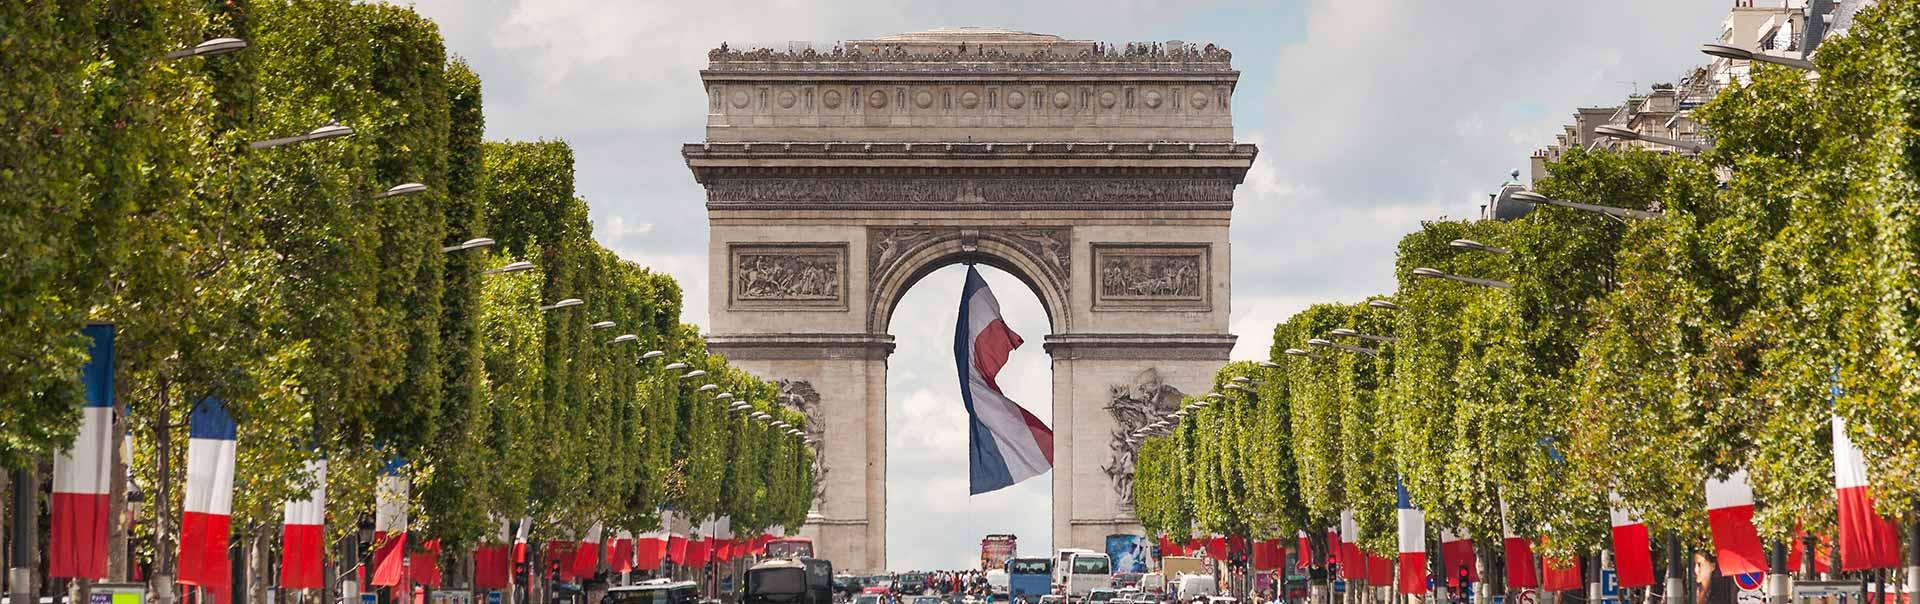 L'Arc de Triomphe in the City of Paris, Île-de-France, France